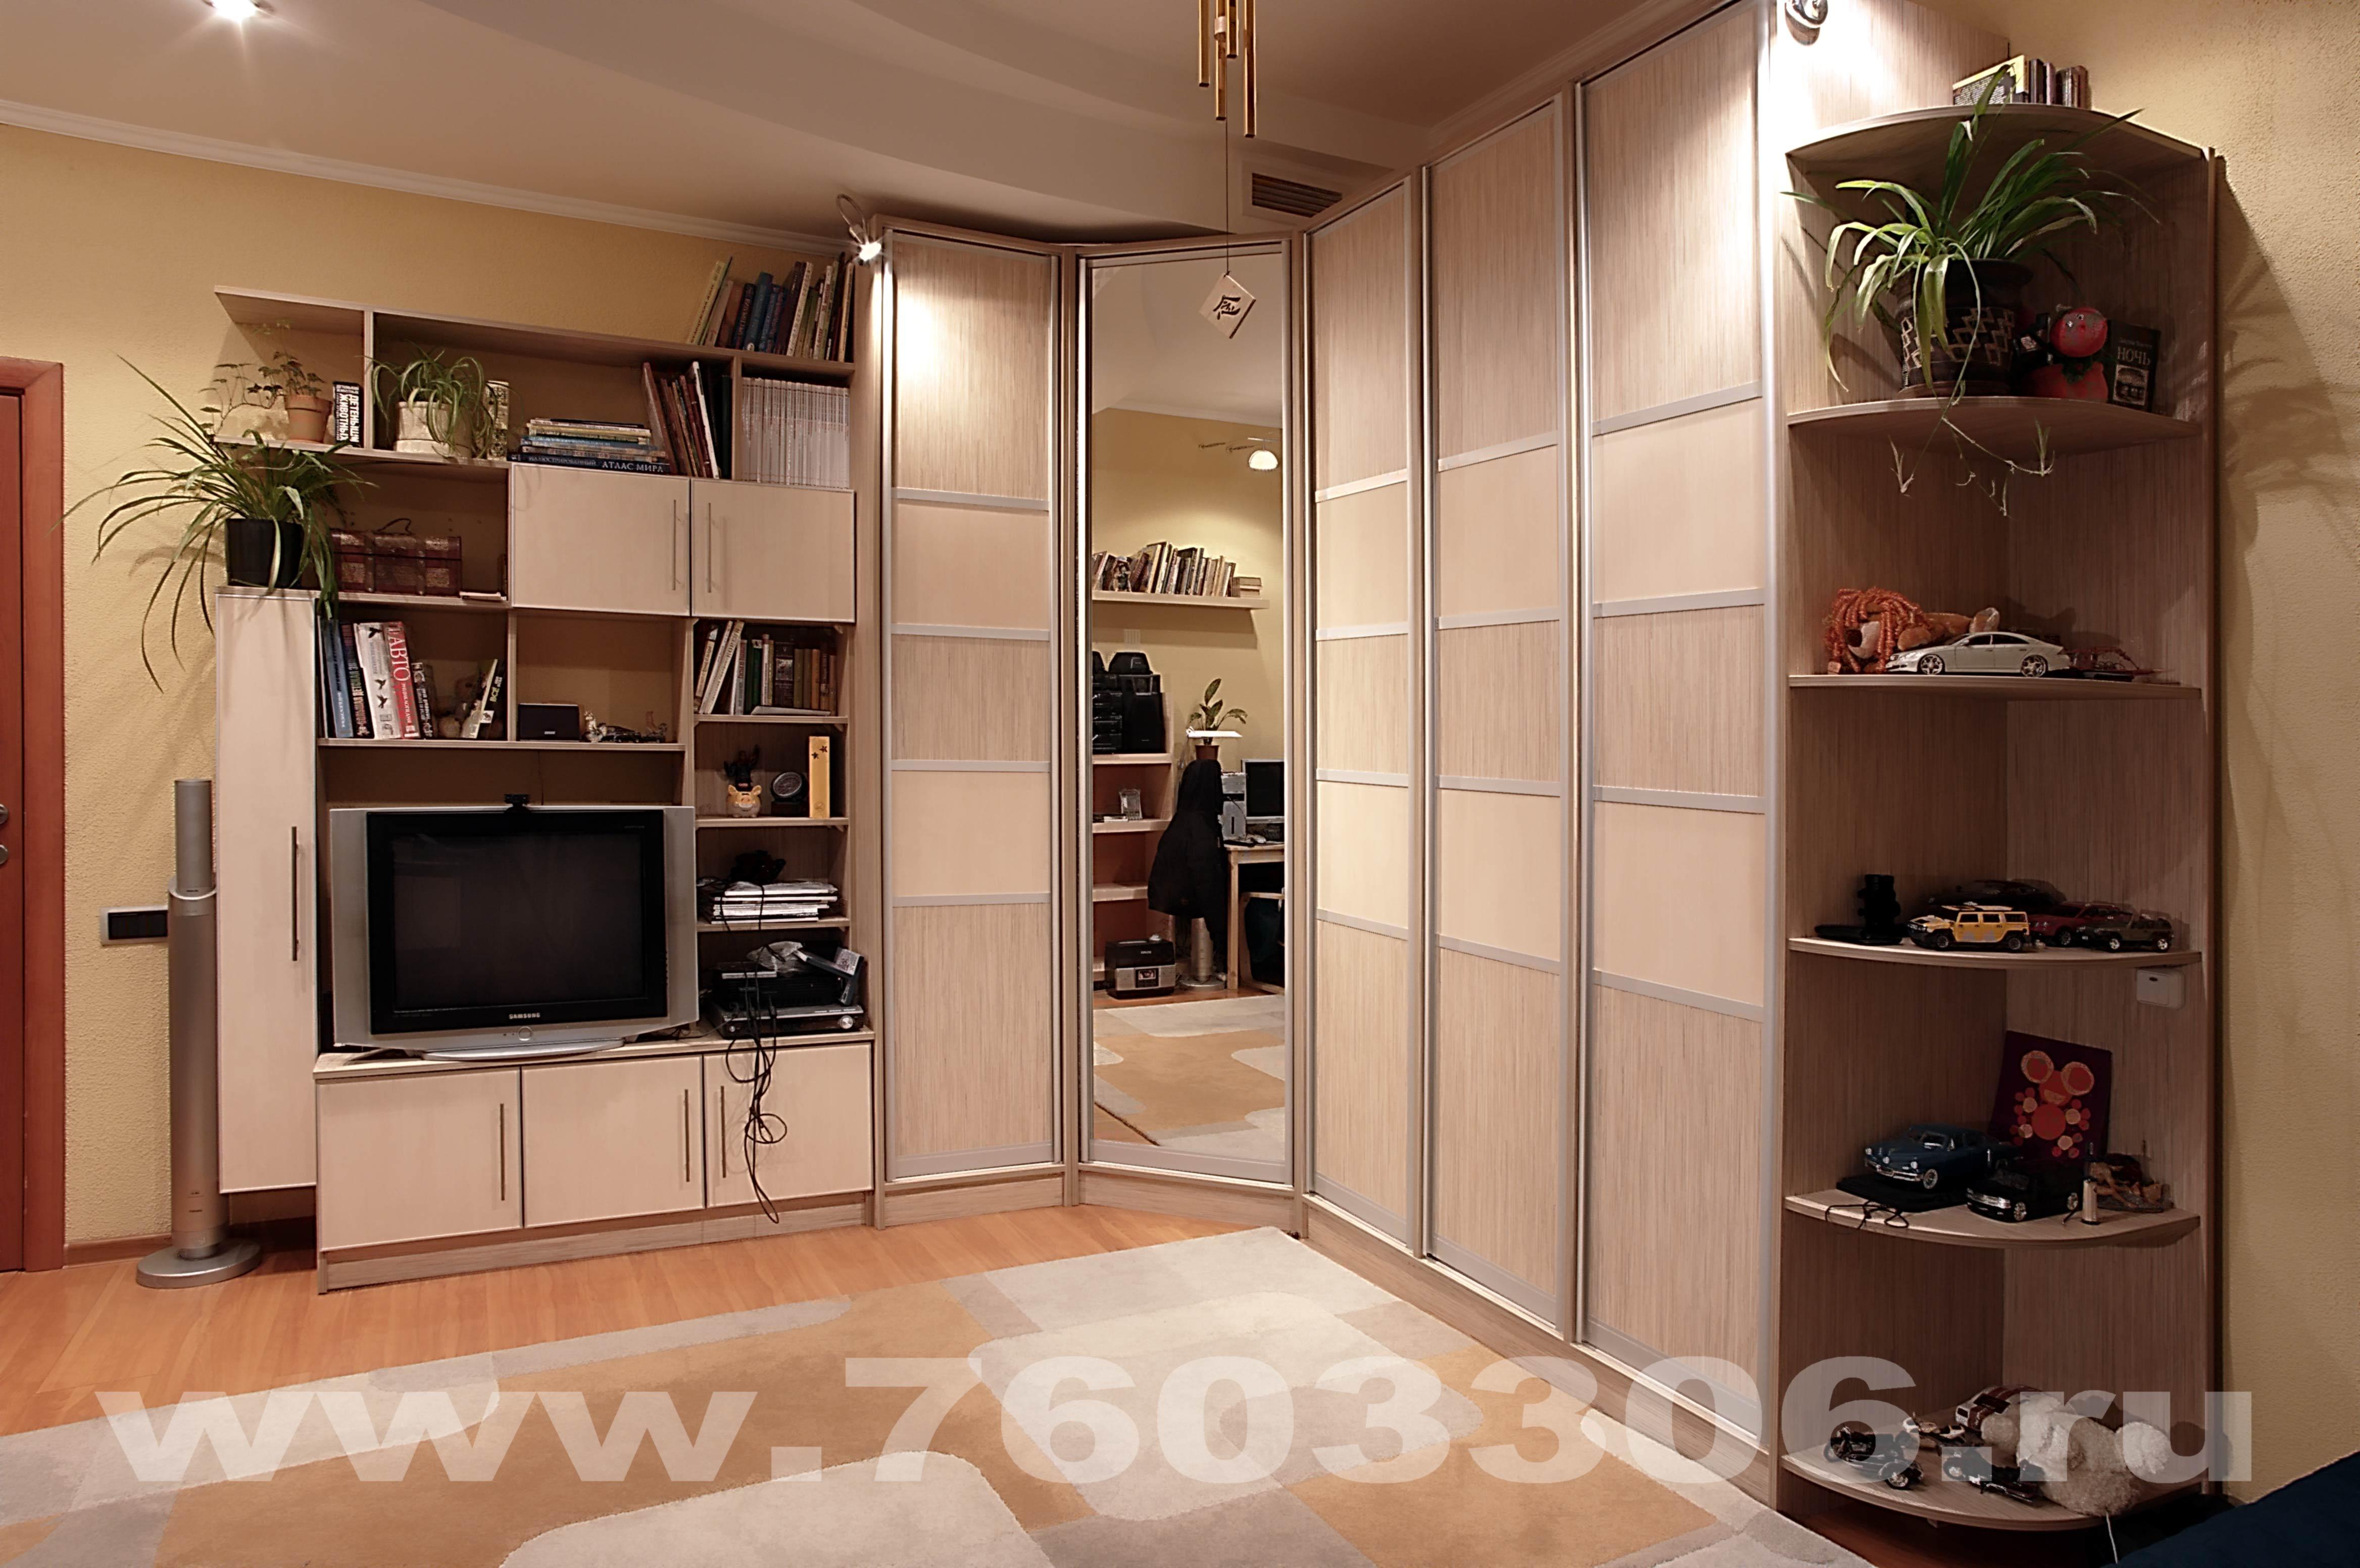 Neo pics фото: угловой шкаф купе мебель интерьер.